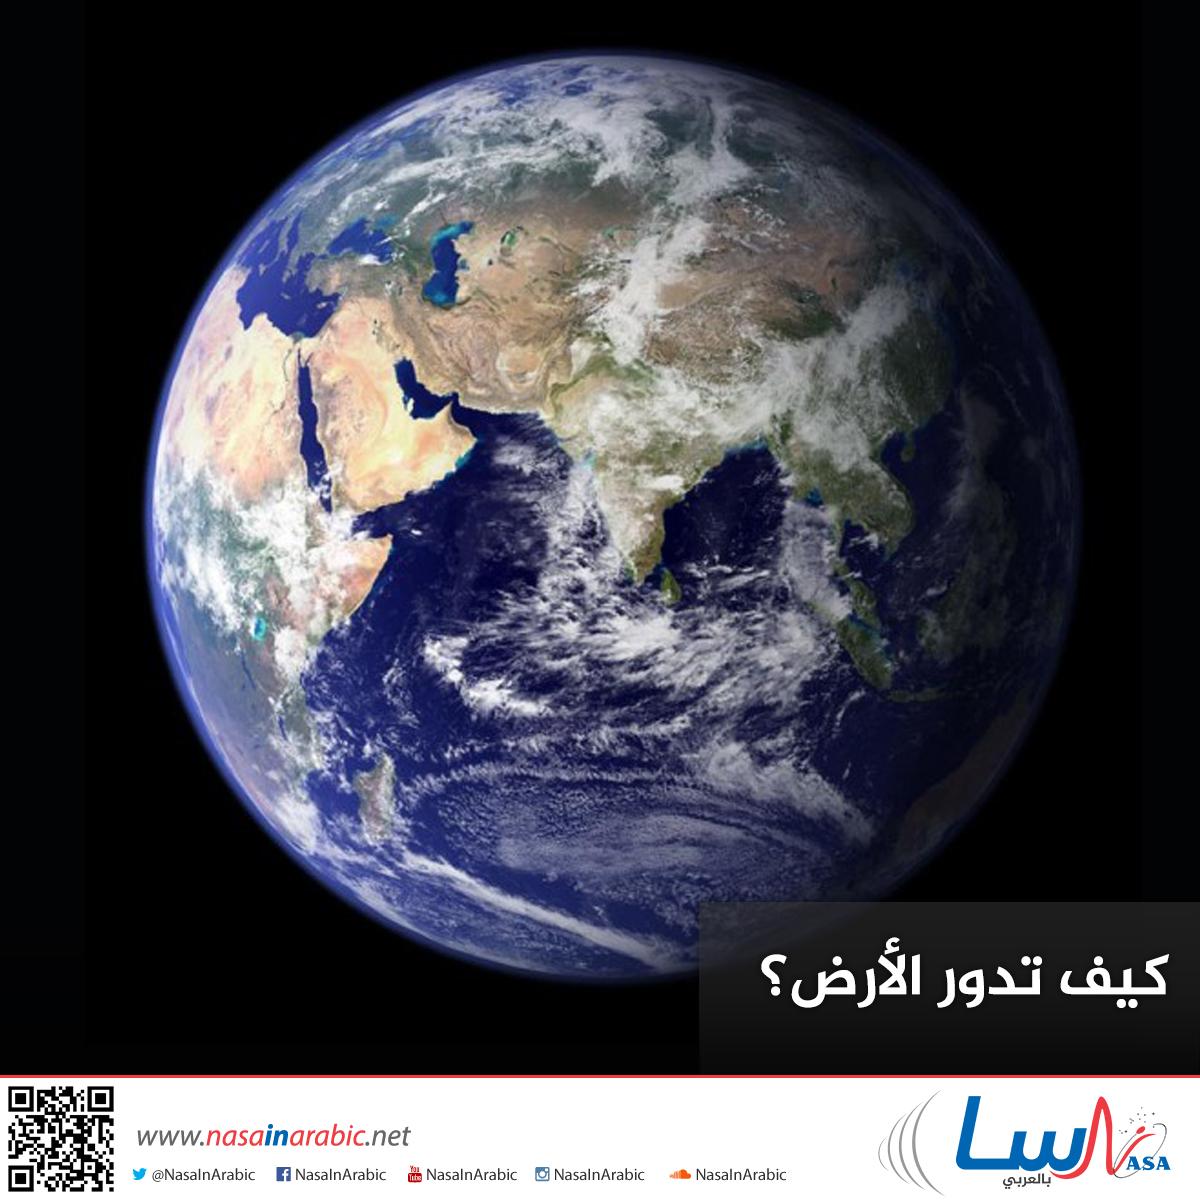 كيف تدور الأرض؟